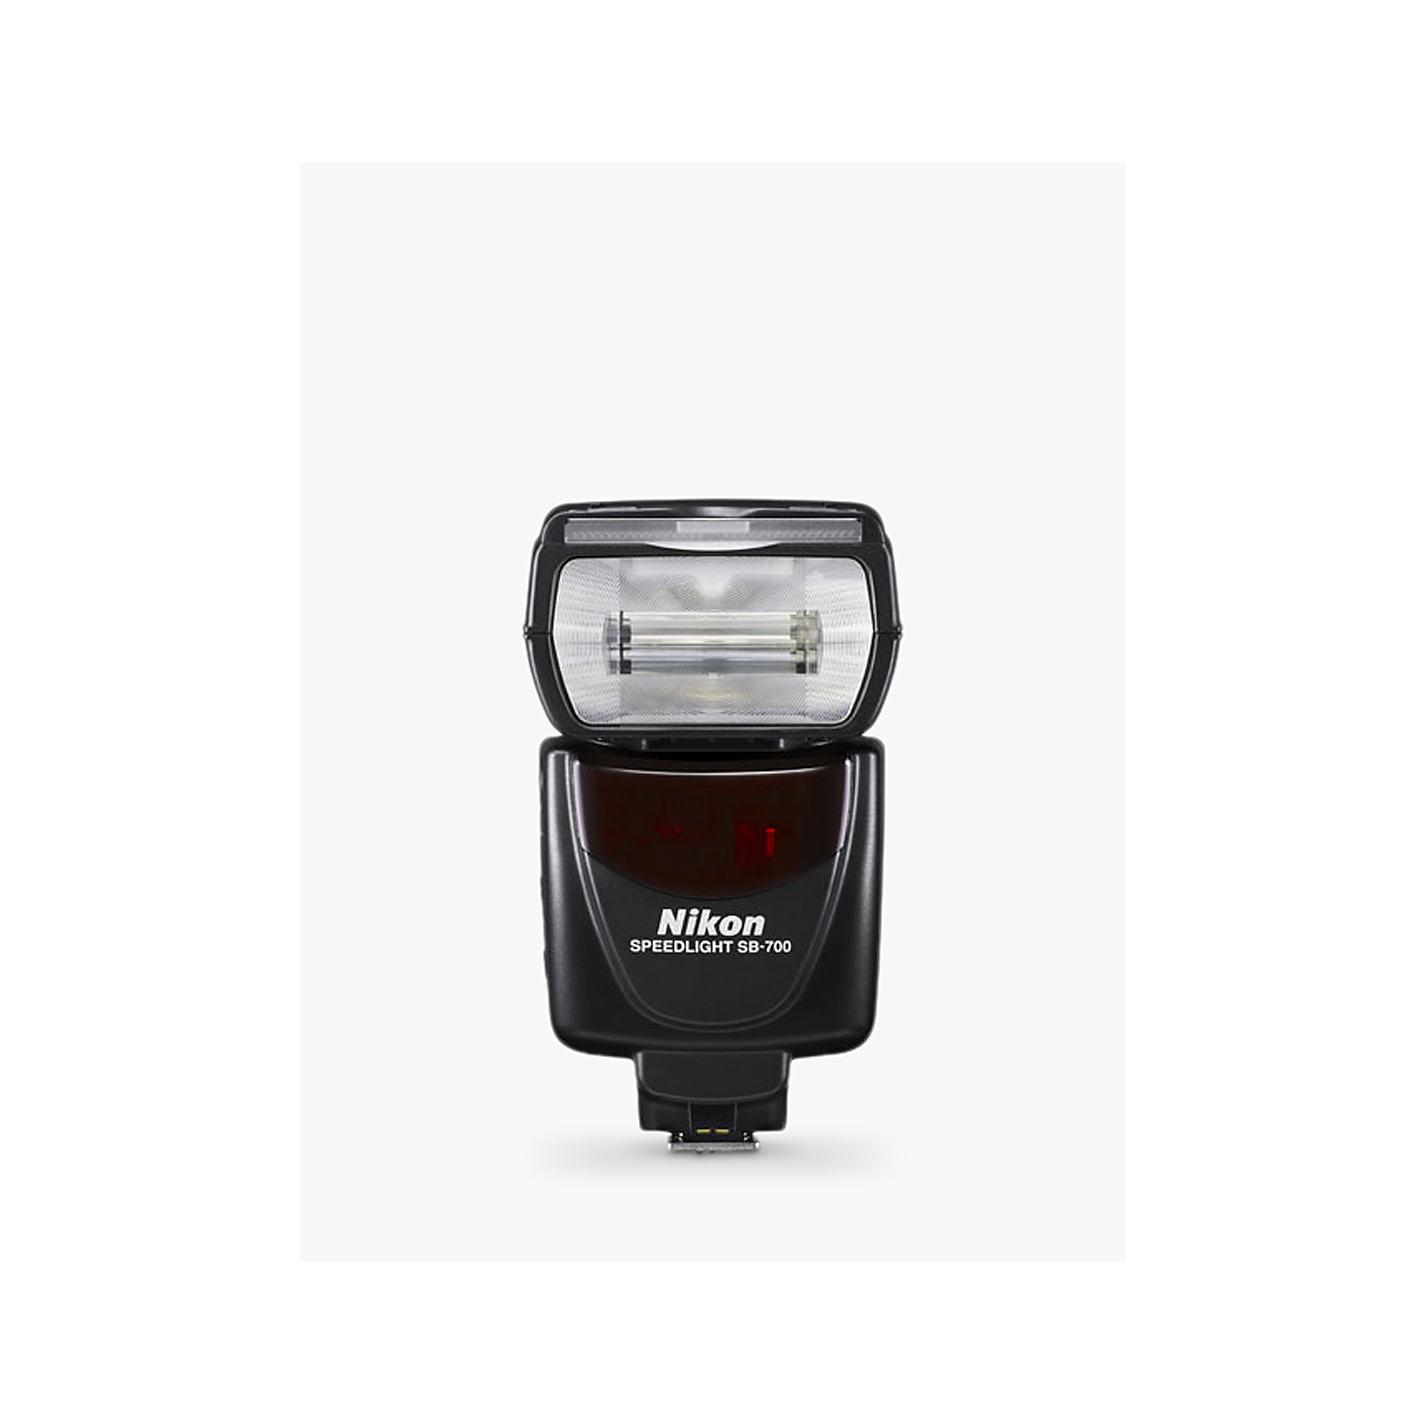 Nikon Sb-700 Speedlight Flash Unit Buy Nikon Sb-700 Speedlight